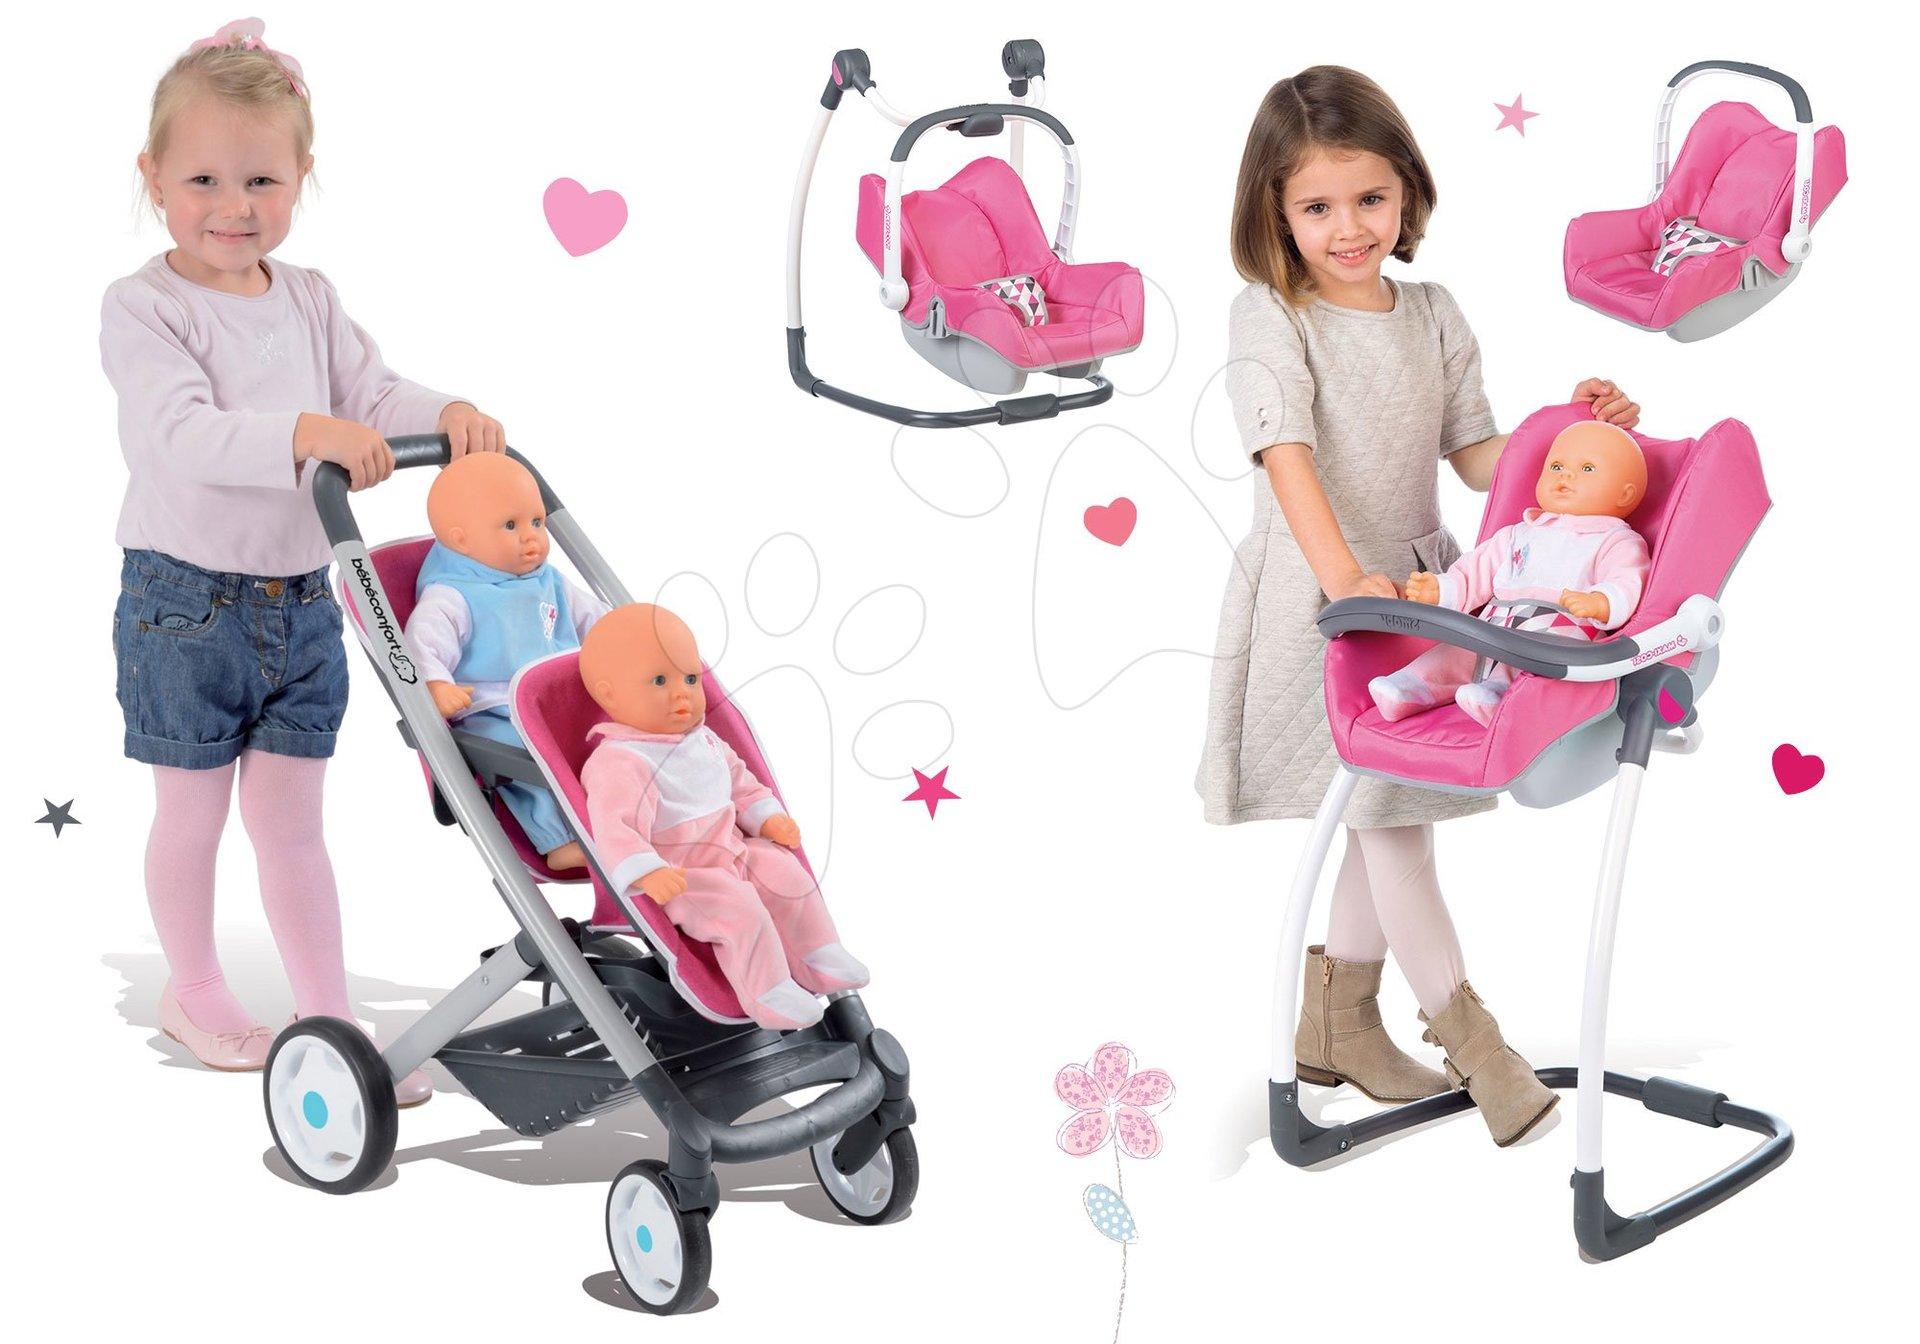 Smoby detský kočík Maxi Cosi & Quinny pre 2 bábiky a autosedačka 3v1 521590-2